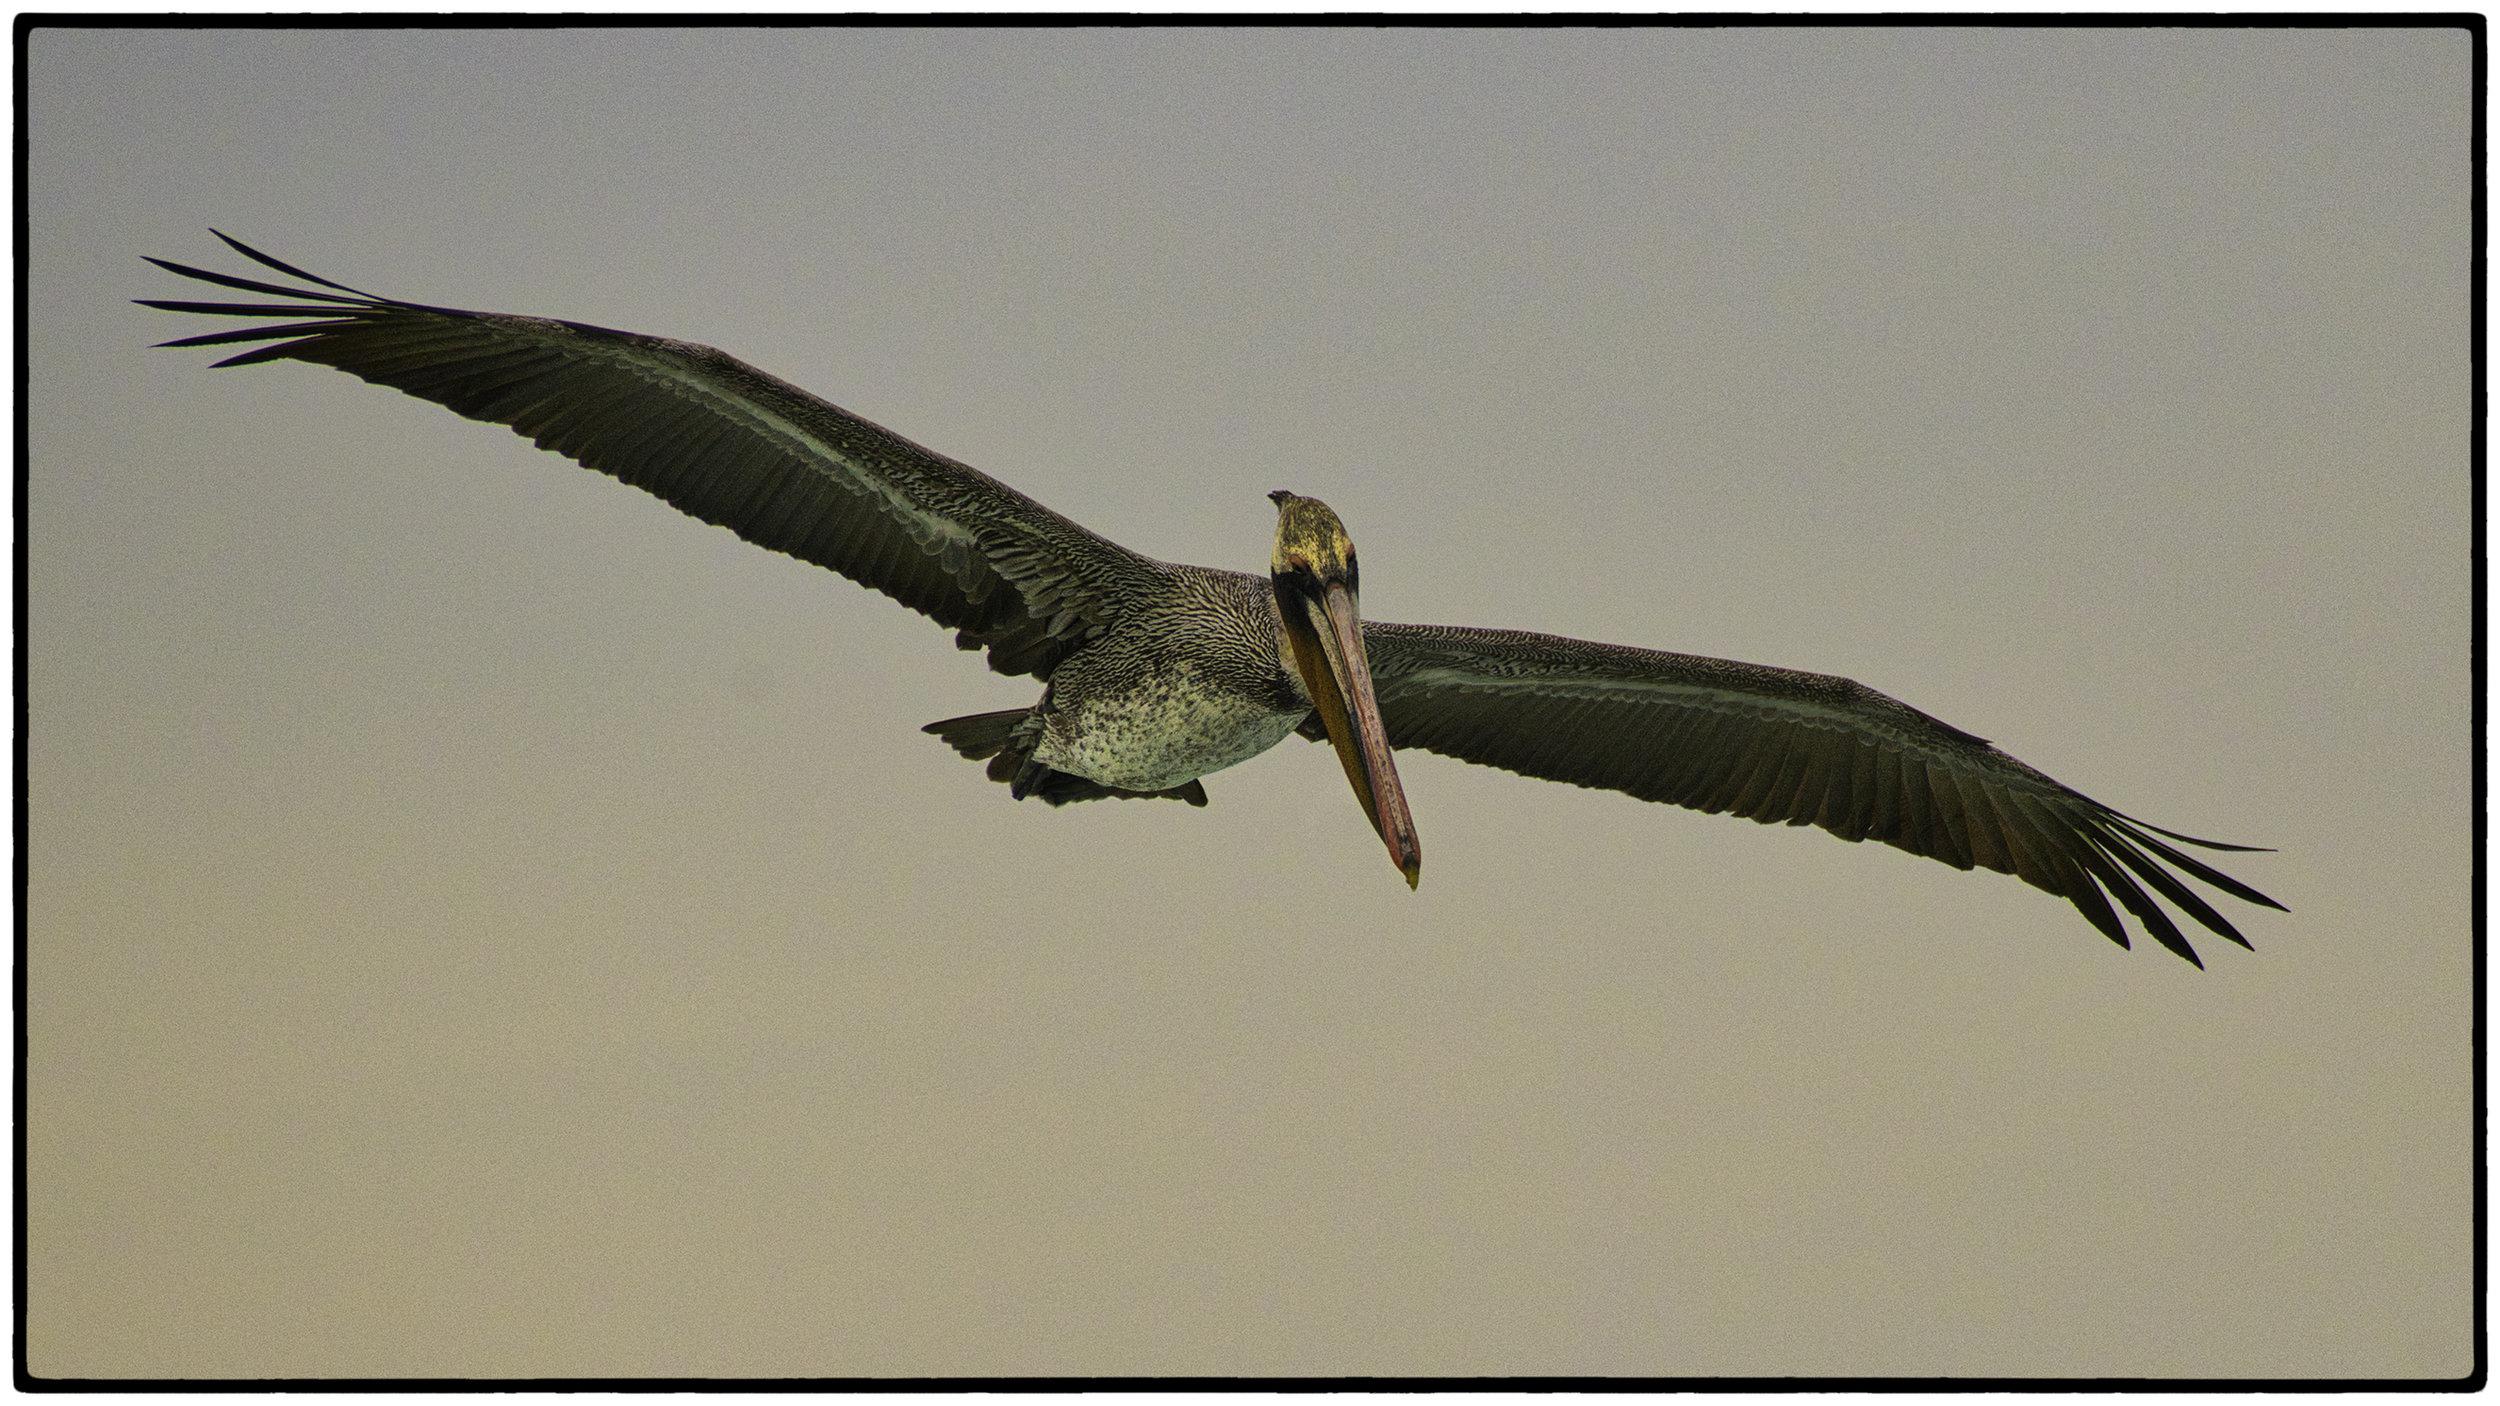 Pelican, Pacific Grove, CA